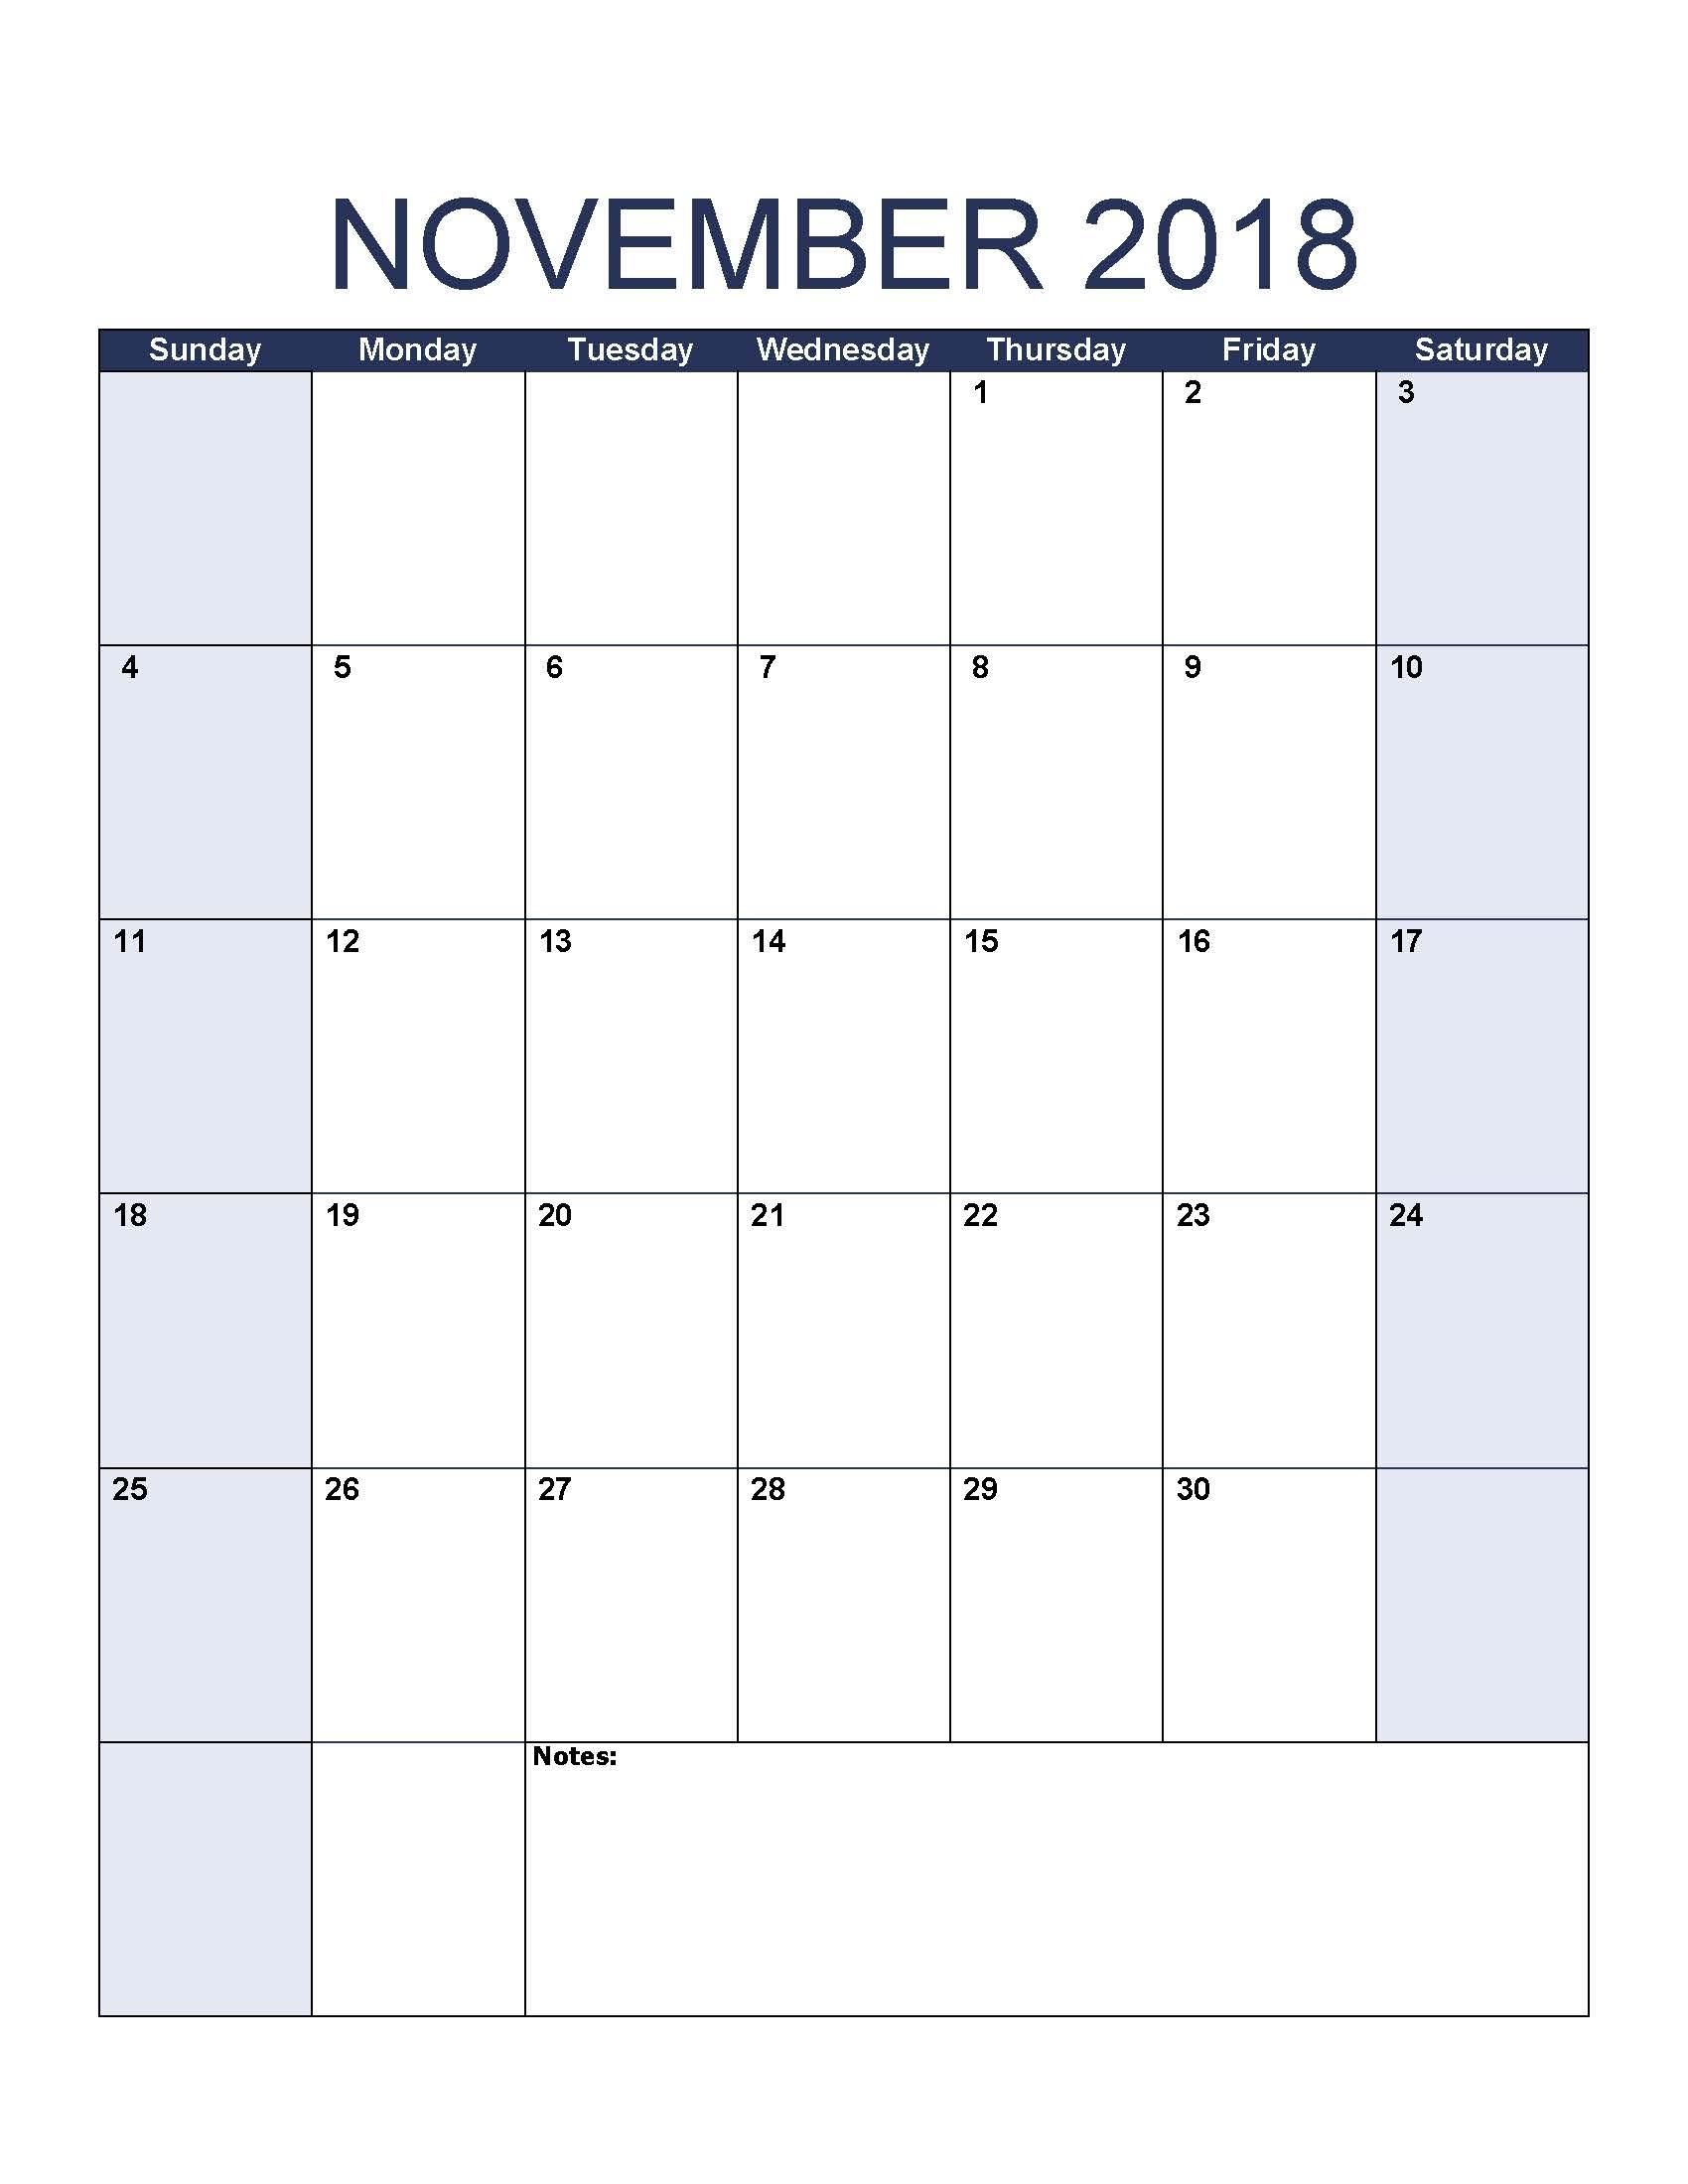 november printable calendar templates 2018::November 2018 Calendar Printable